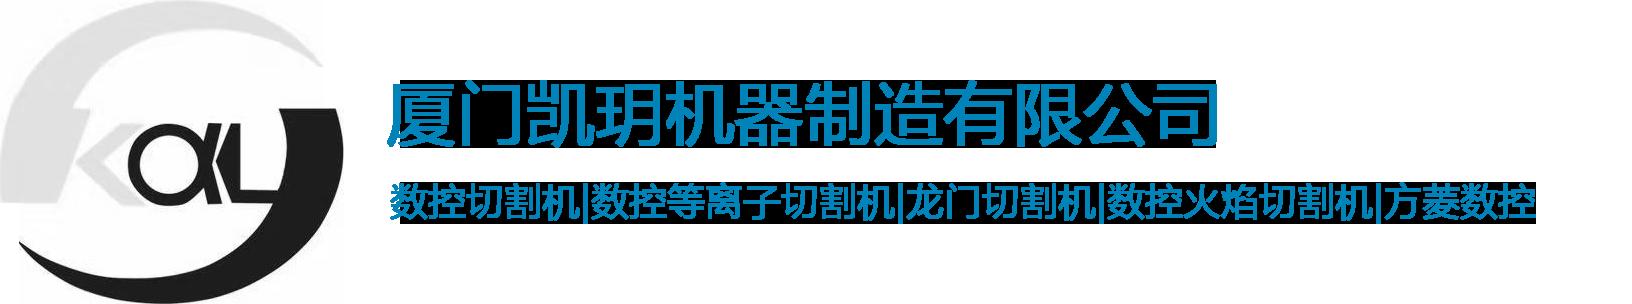 厦门凯玥机器制造有限公司